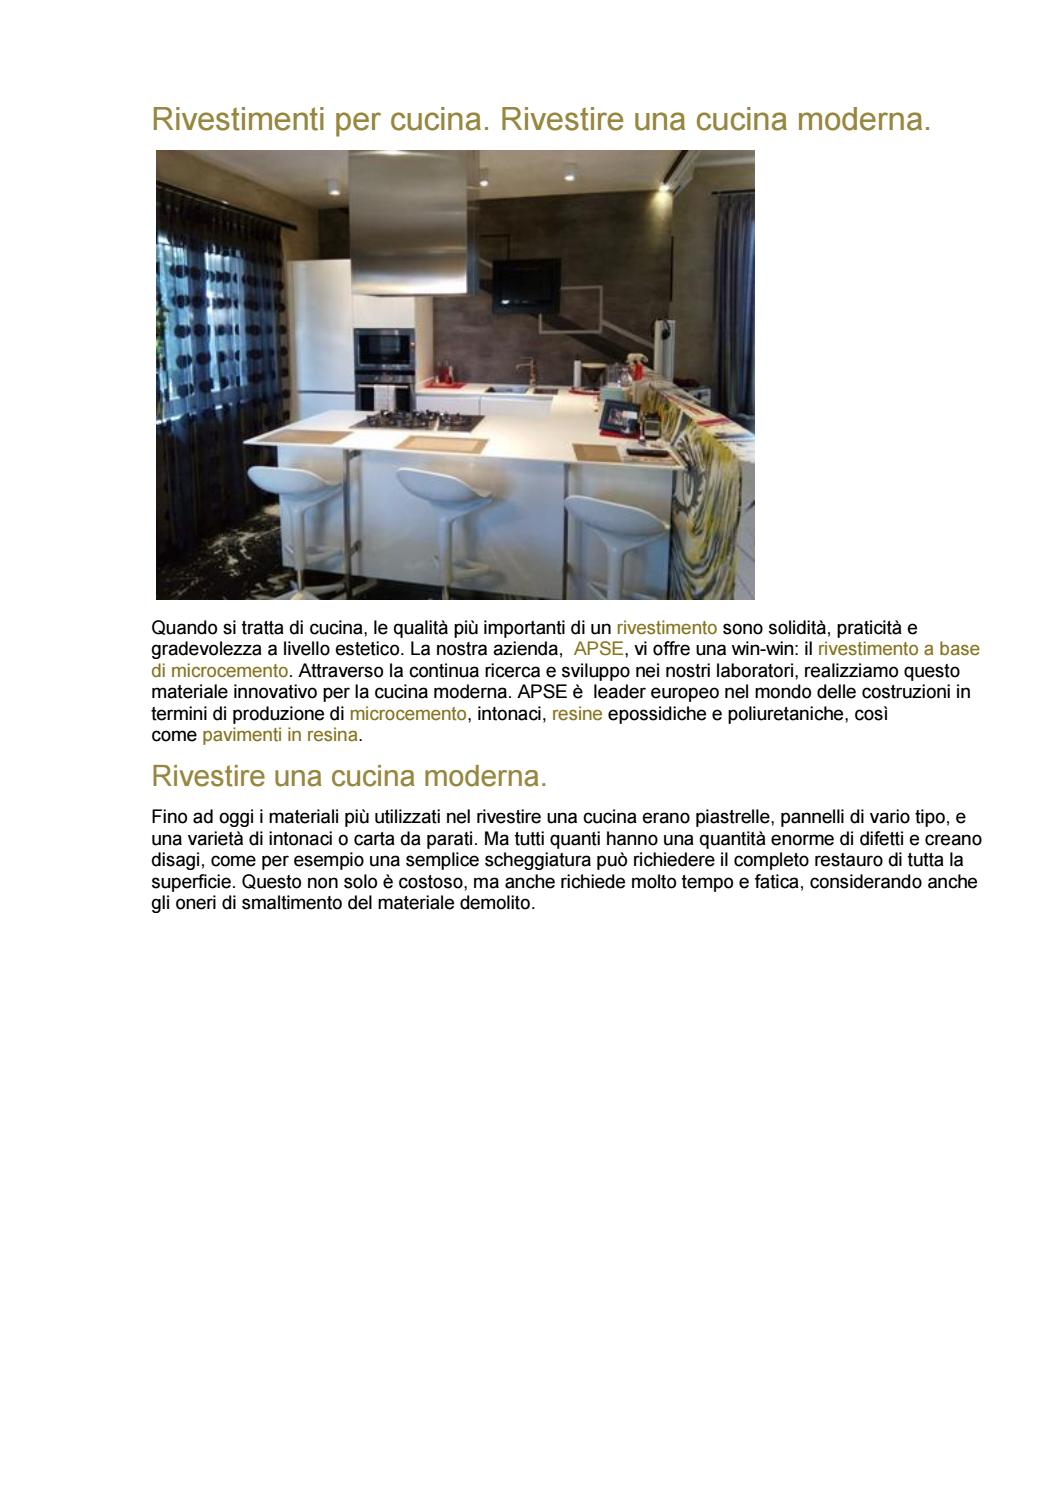 Pannelli Di Rivestimento Per Cucine.Rivestimenti Per Cucina By Minirasex Issuu